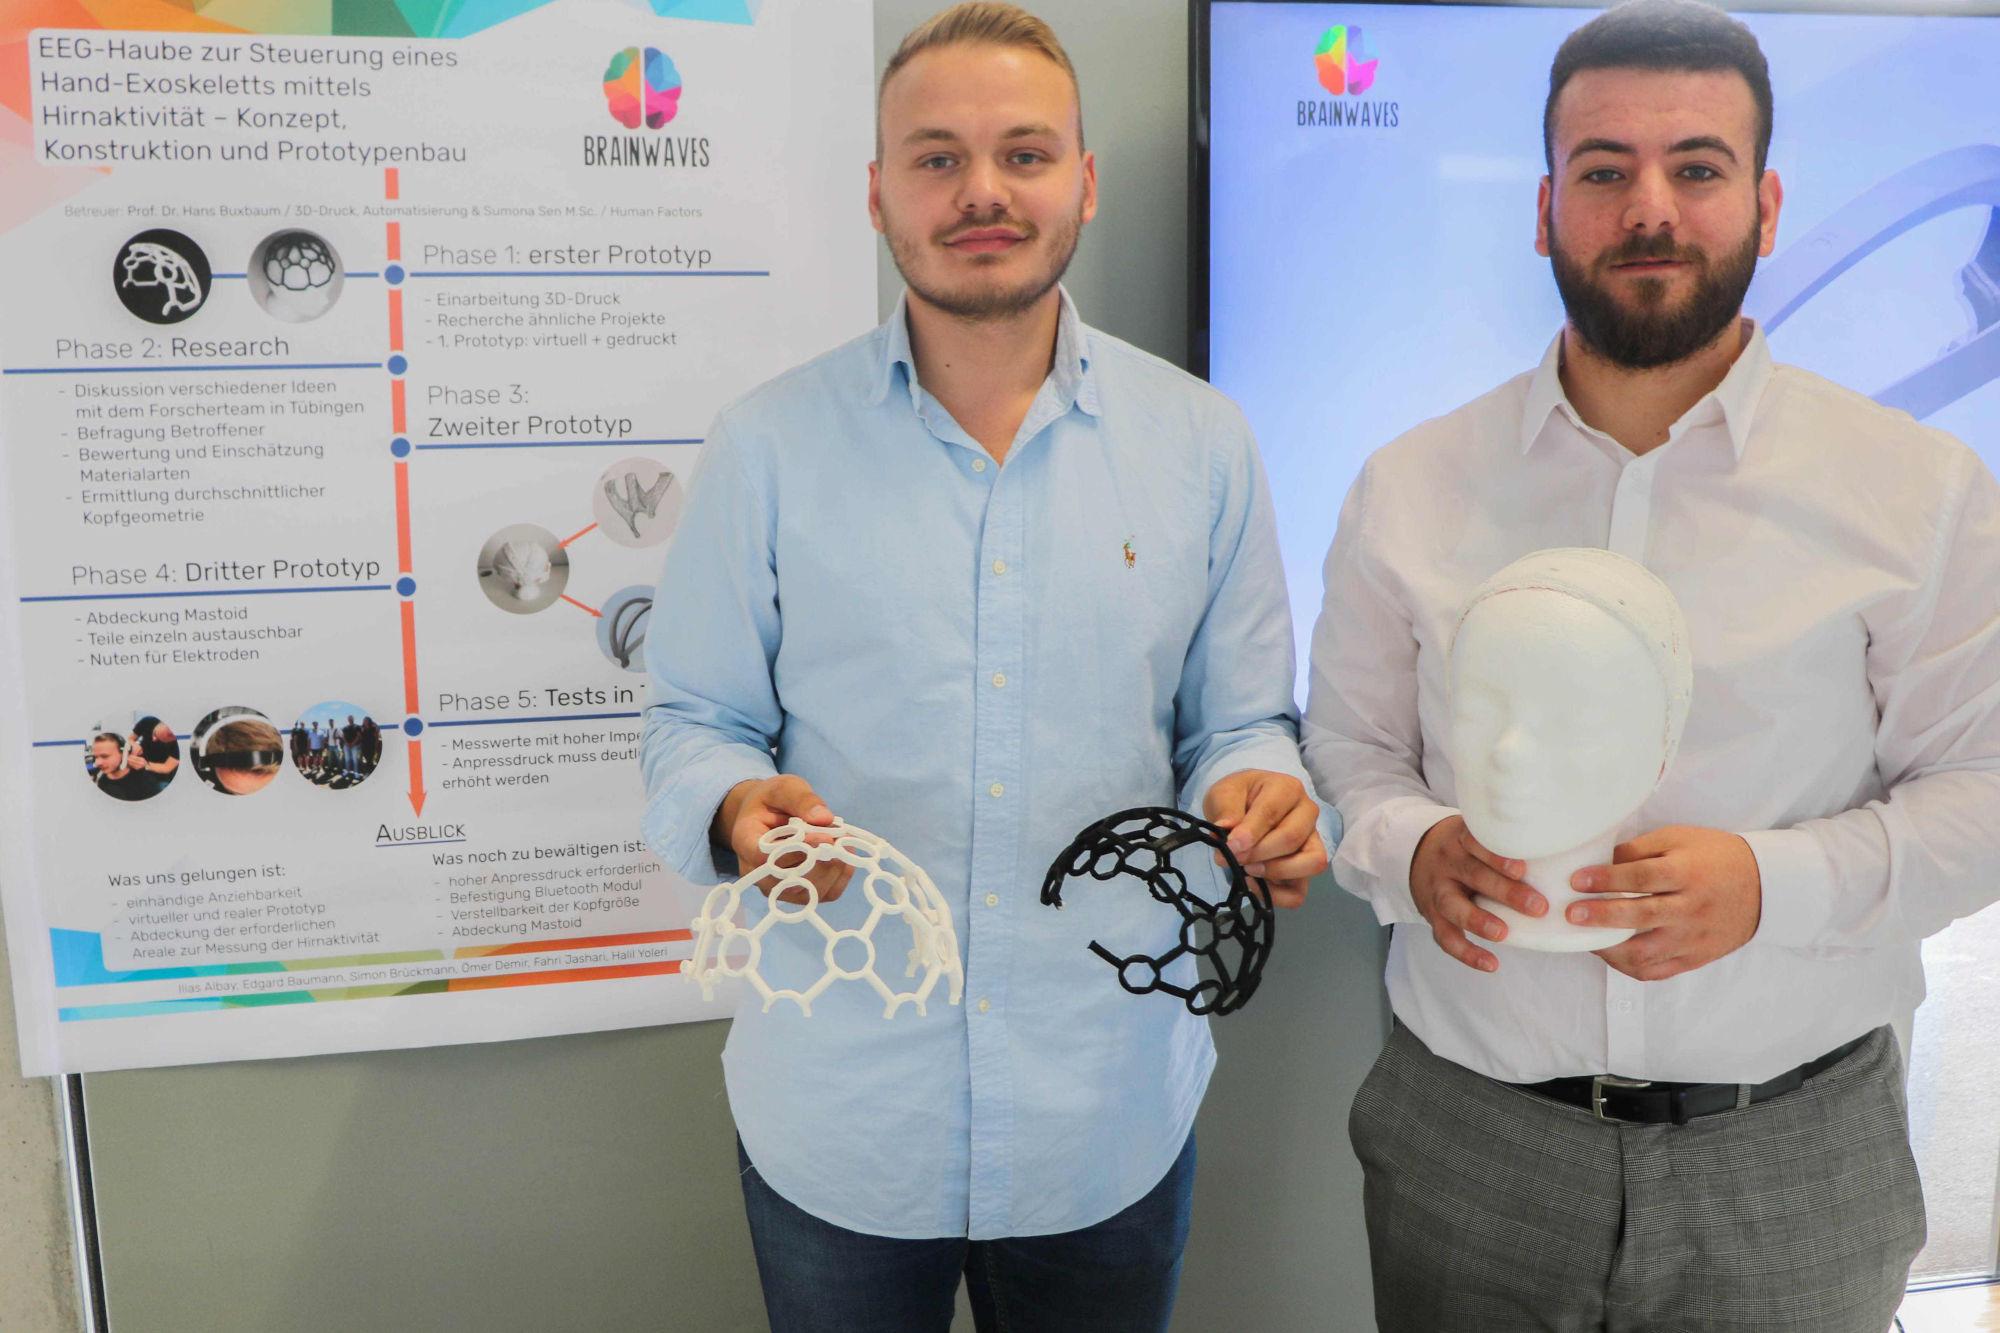 Fahri Jashari (links) und Ömer Demir (rechts) entwickelten mit ihren Kommilitonen Ilias Albay, Edgard Baumann, Simon Brückmann und Halil Yoleri eine neue EEG-Haube für einseitig gelähmte Menschen. (Foto: Hochschule Niederrhein)